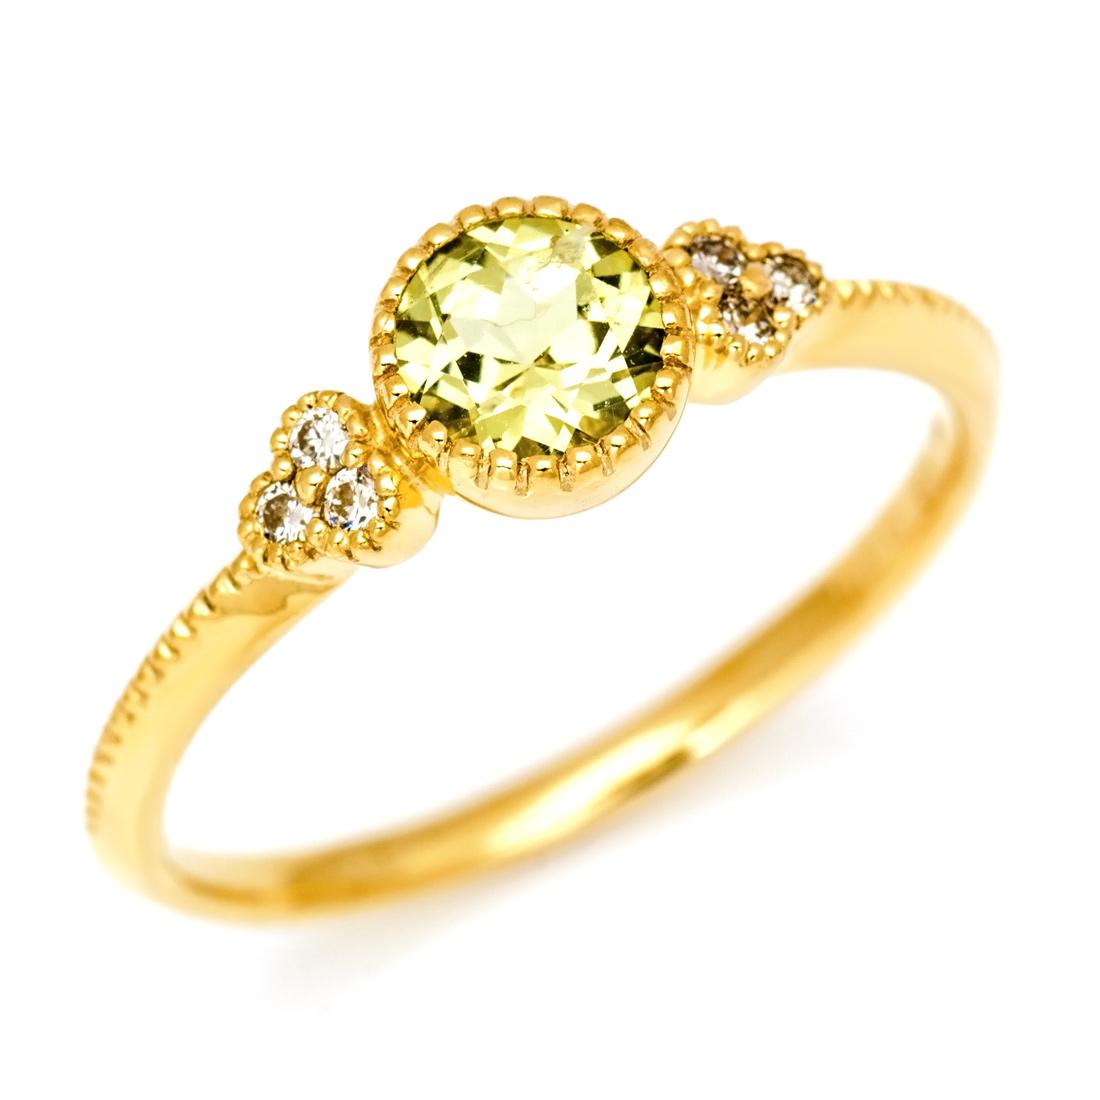 リング マリガーネット ダイヤモンド 「tazzina」 ゴールド K18